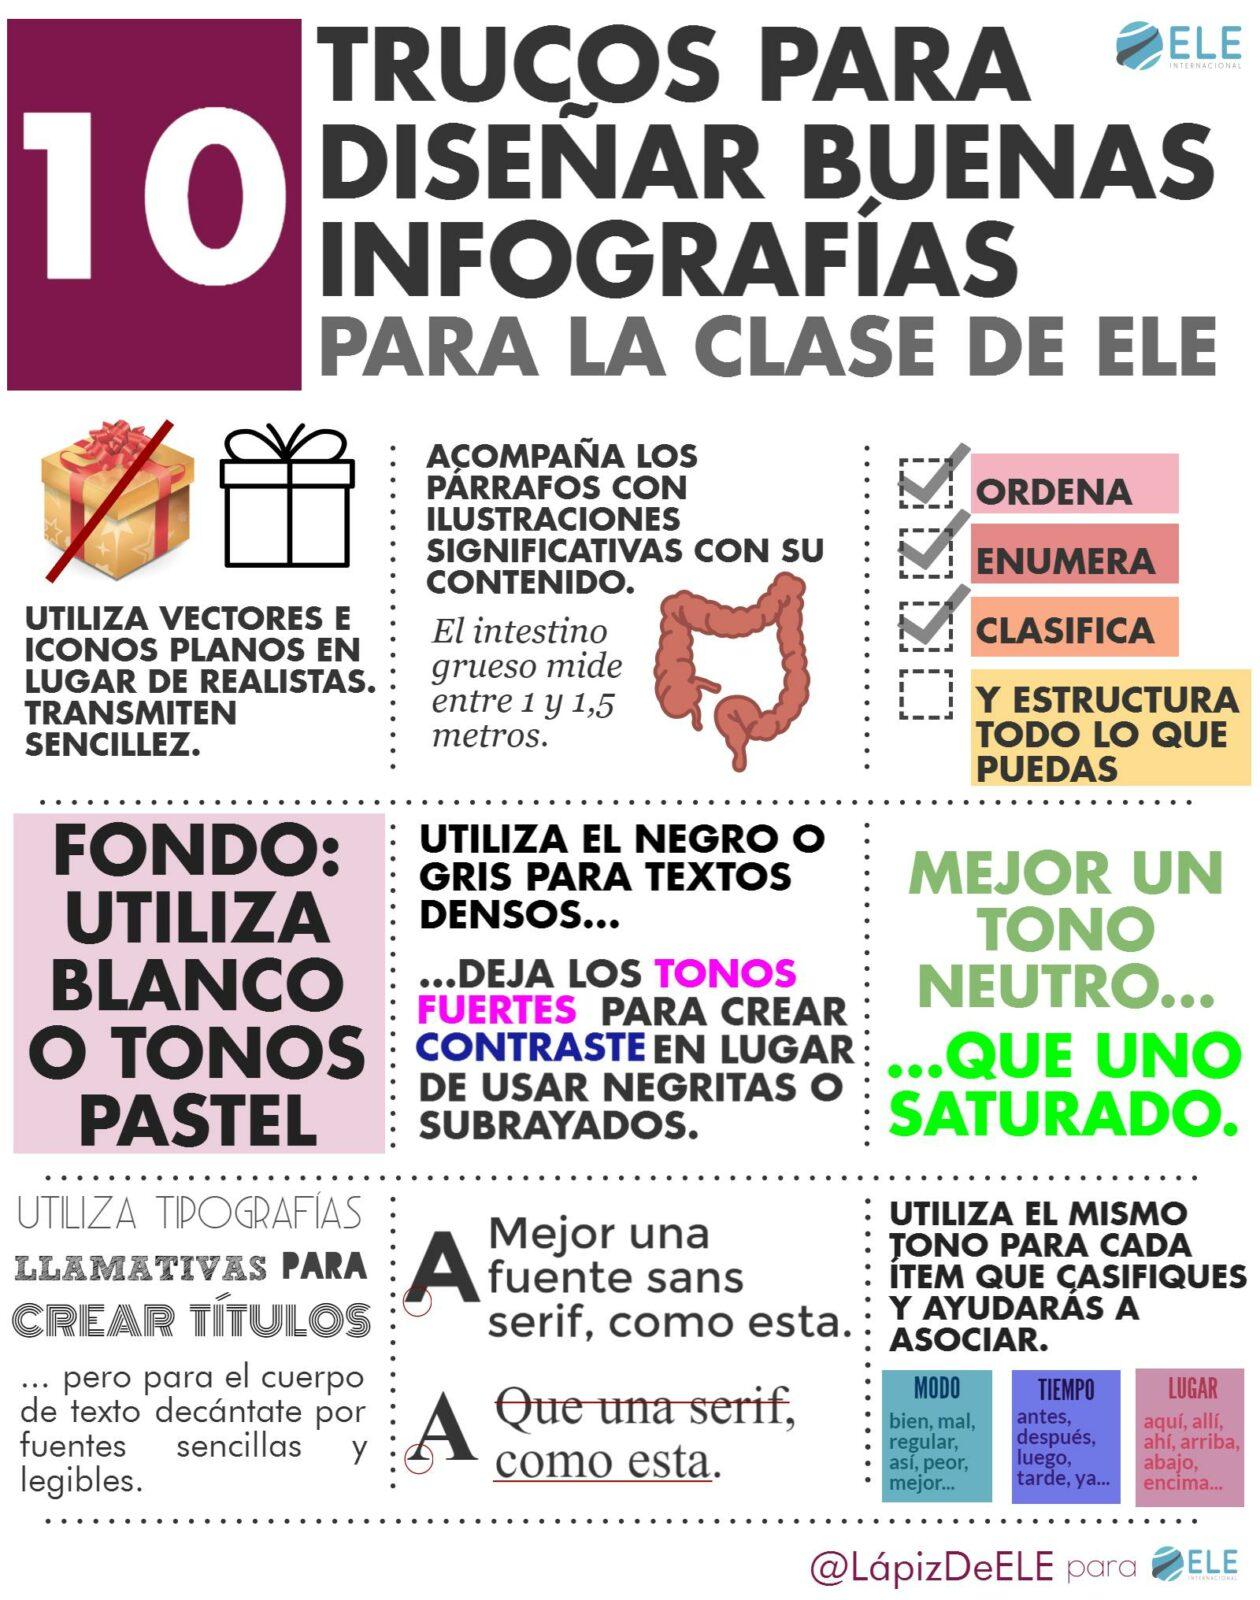 10 trucos para diseñar buenas infografías clase de ELE Diseño de actividades para profesores #spanishteacher #profedeele